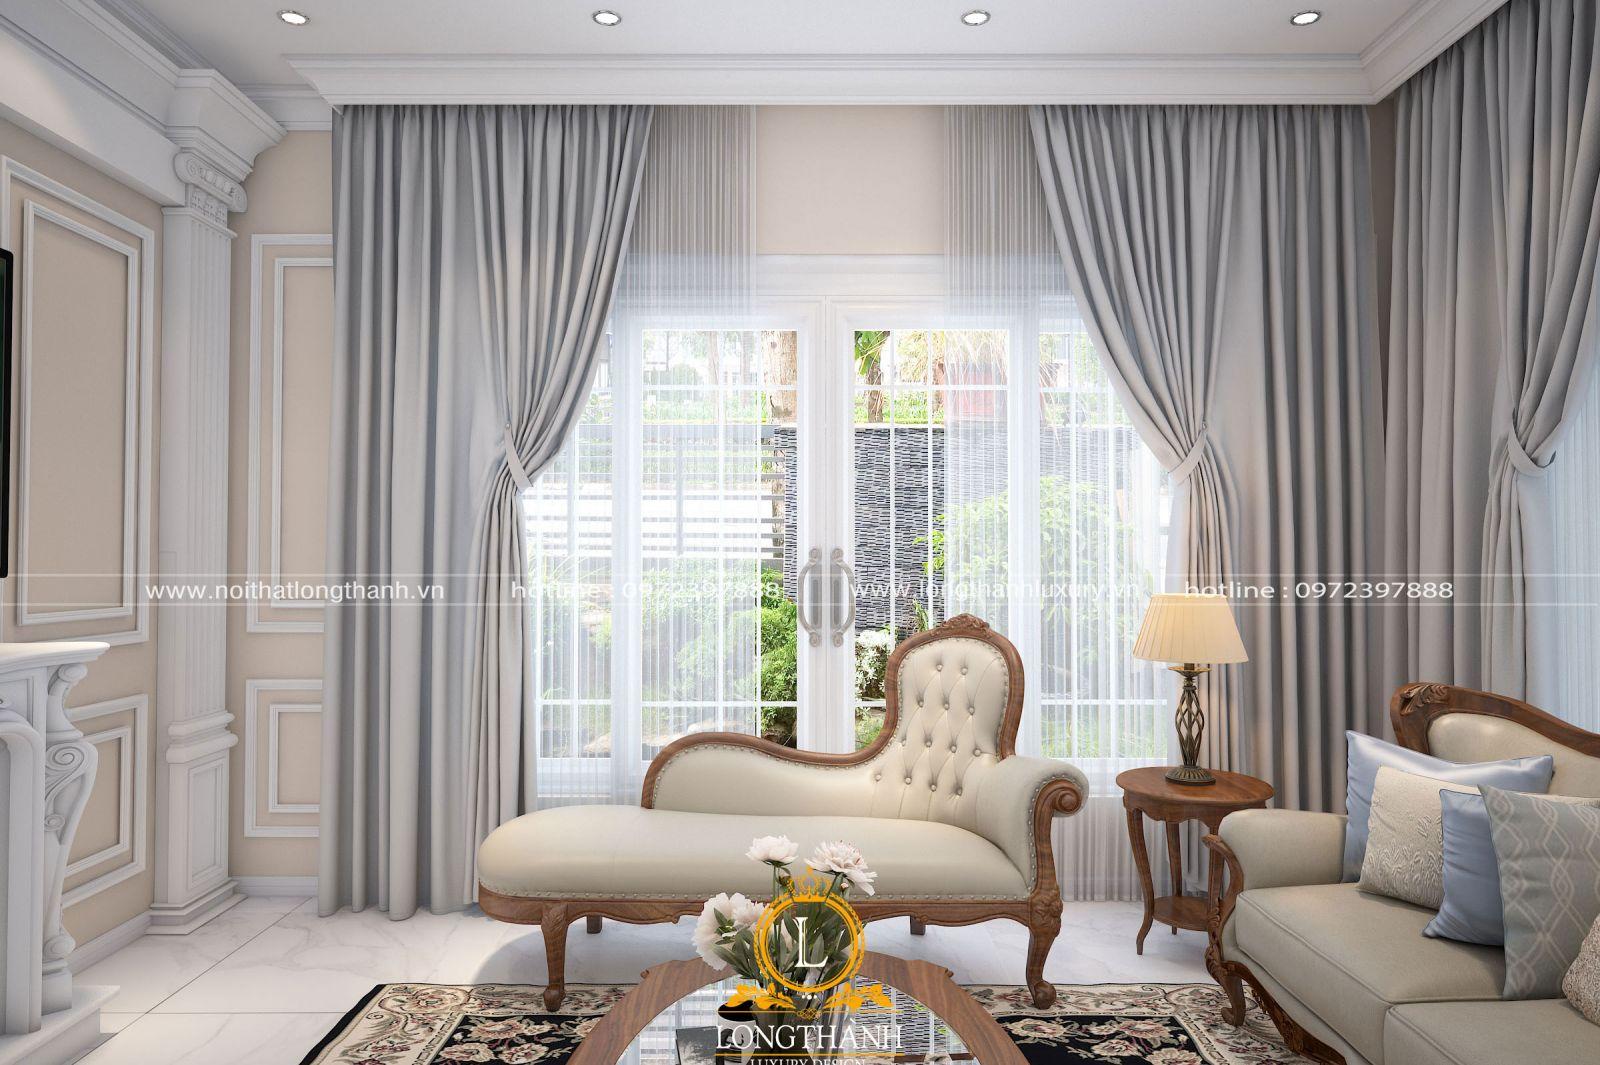 Căn phòng khách với hệ rèm trang trí độc đáo